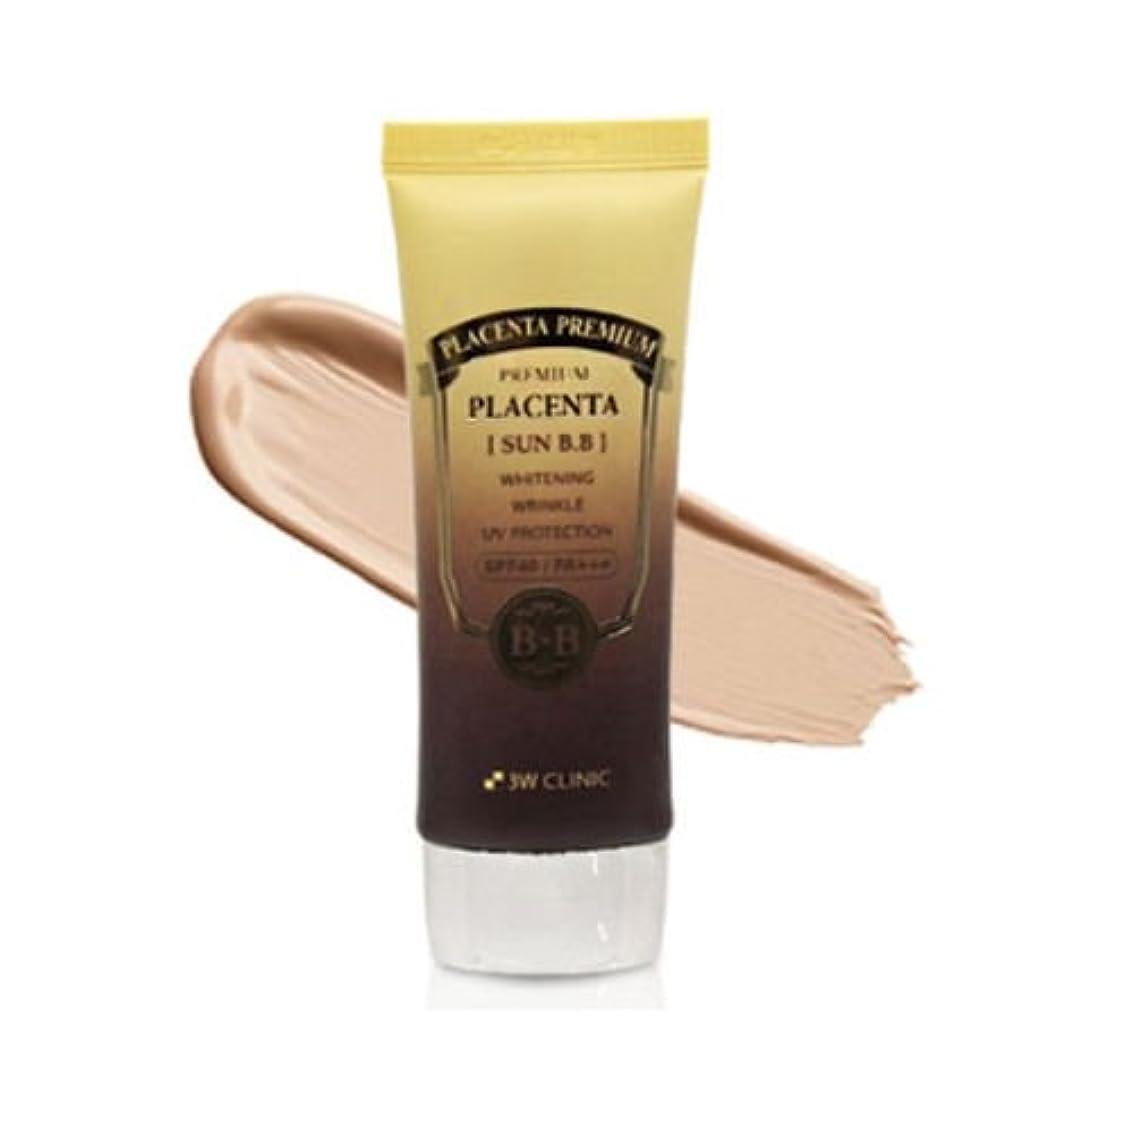 誰かバルク効果的3Wクリニック[韓国コスメ3w Clinic]Premium Placenta Sun BB Cream プレミアムプラセンタサンBBクリーム70ml SPF40 PA+++ UV しわ管理[並行輸入品]